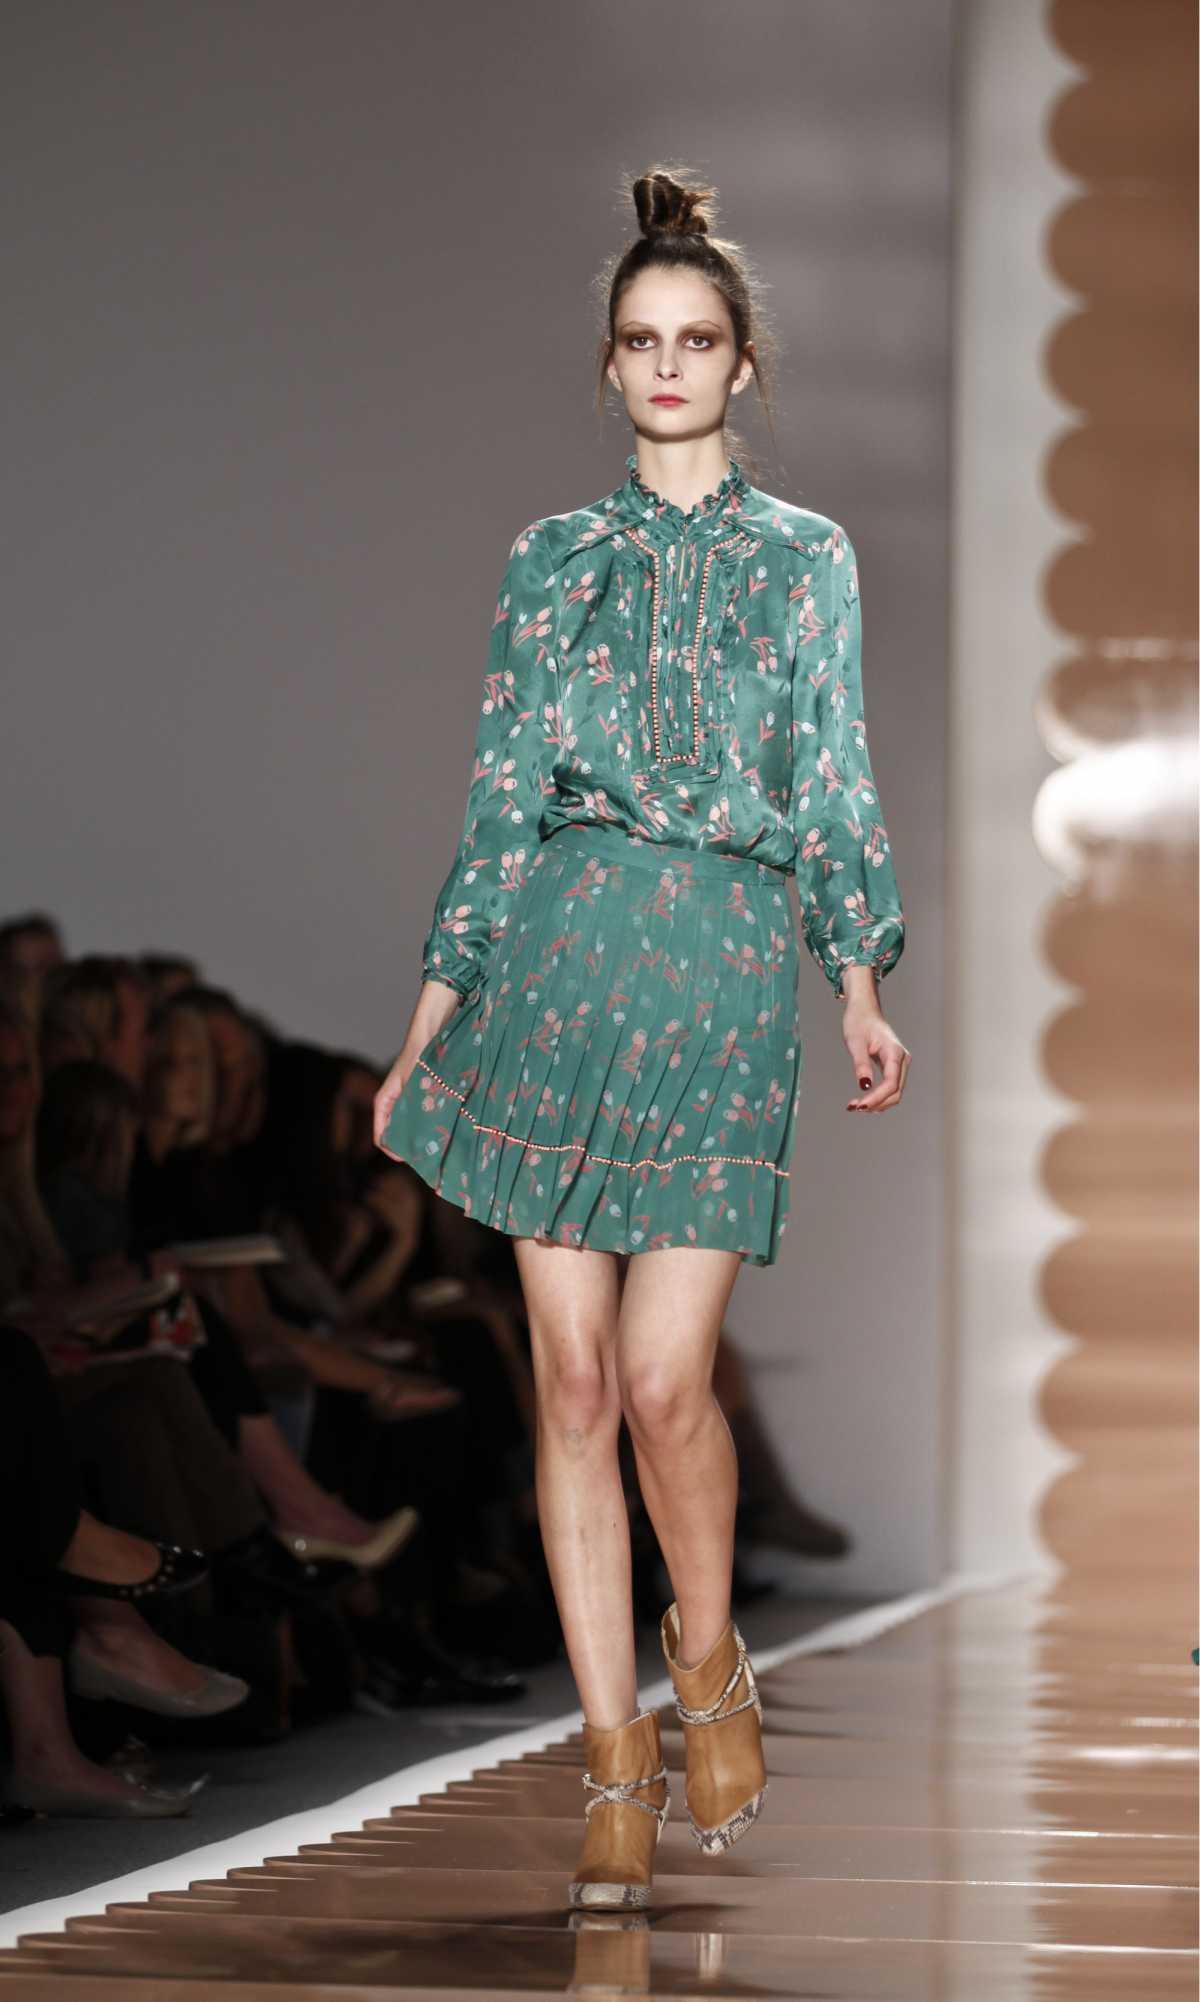 vestido floral verde evasê